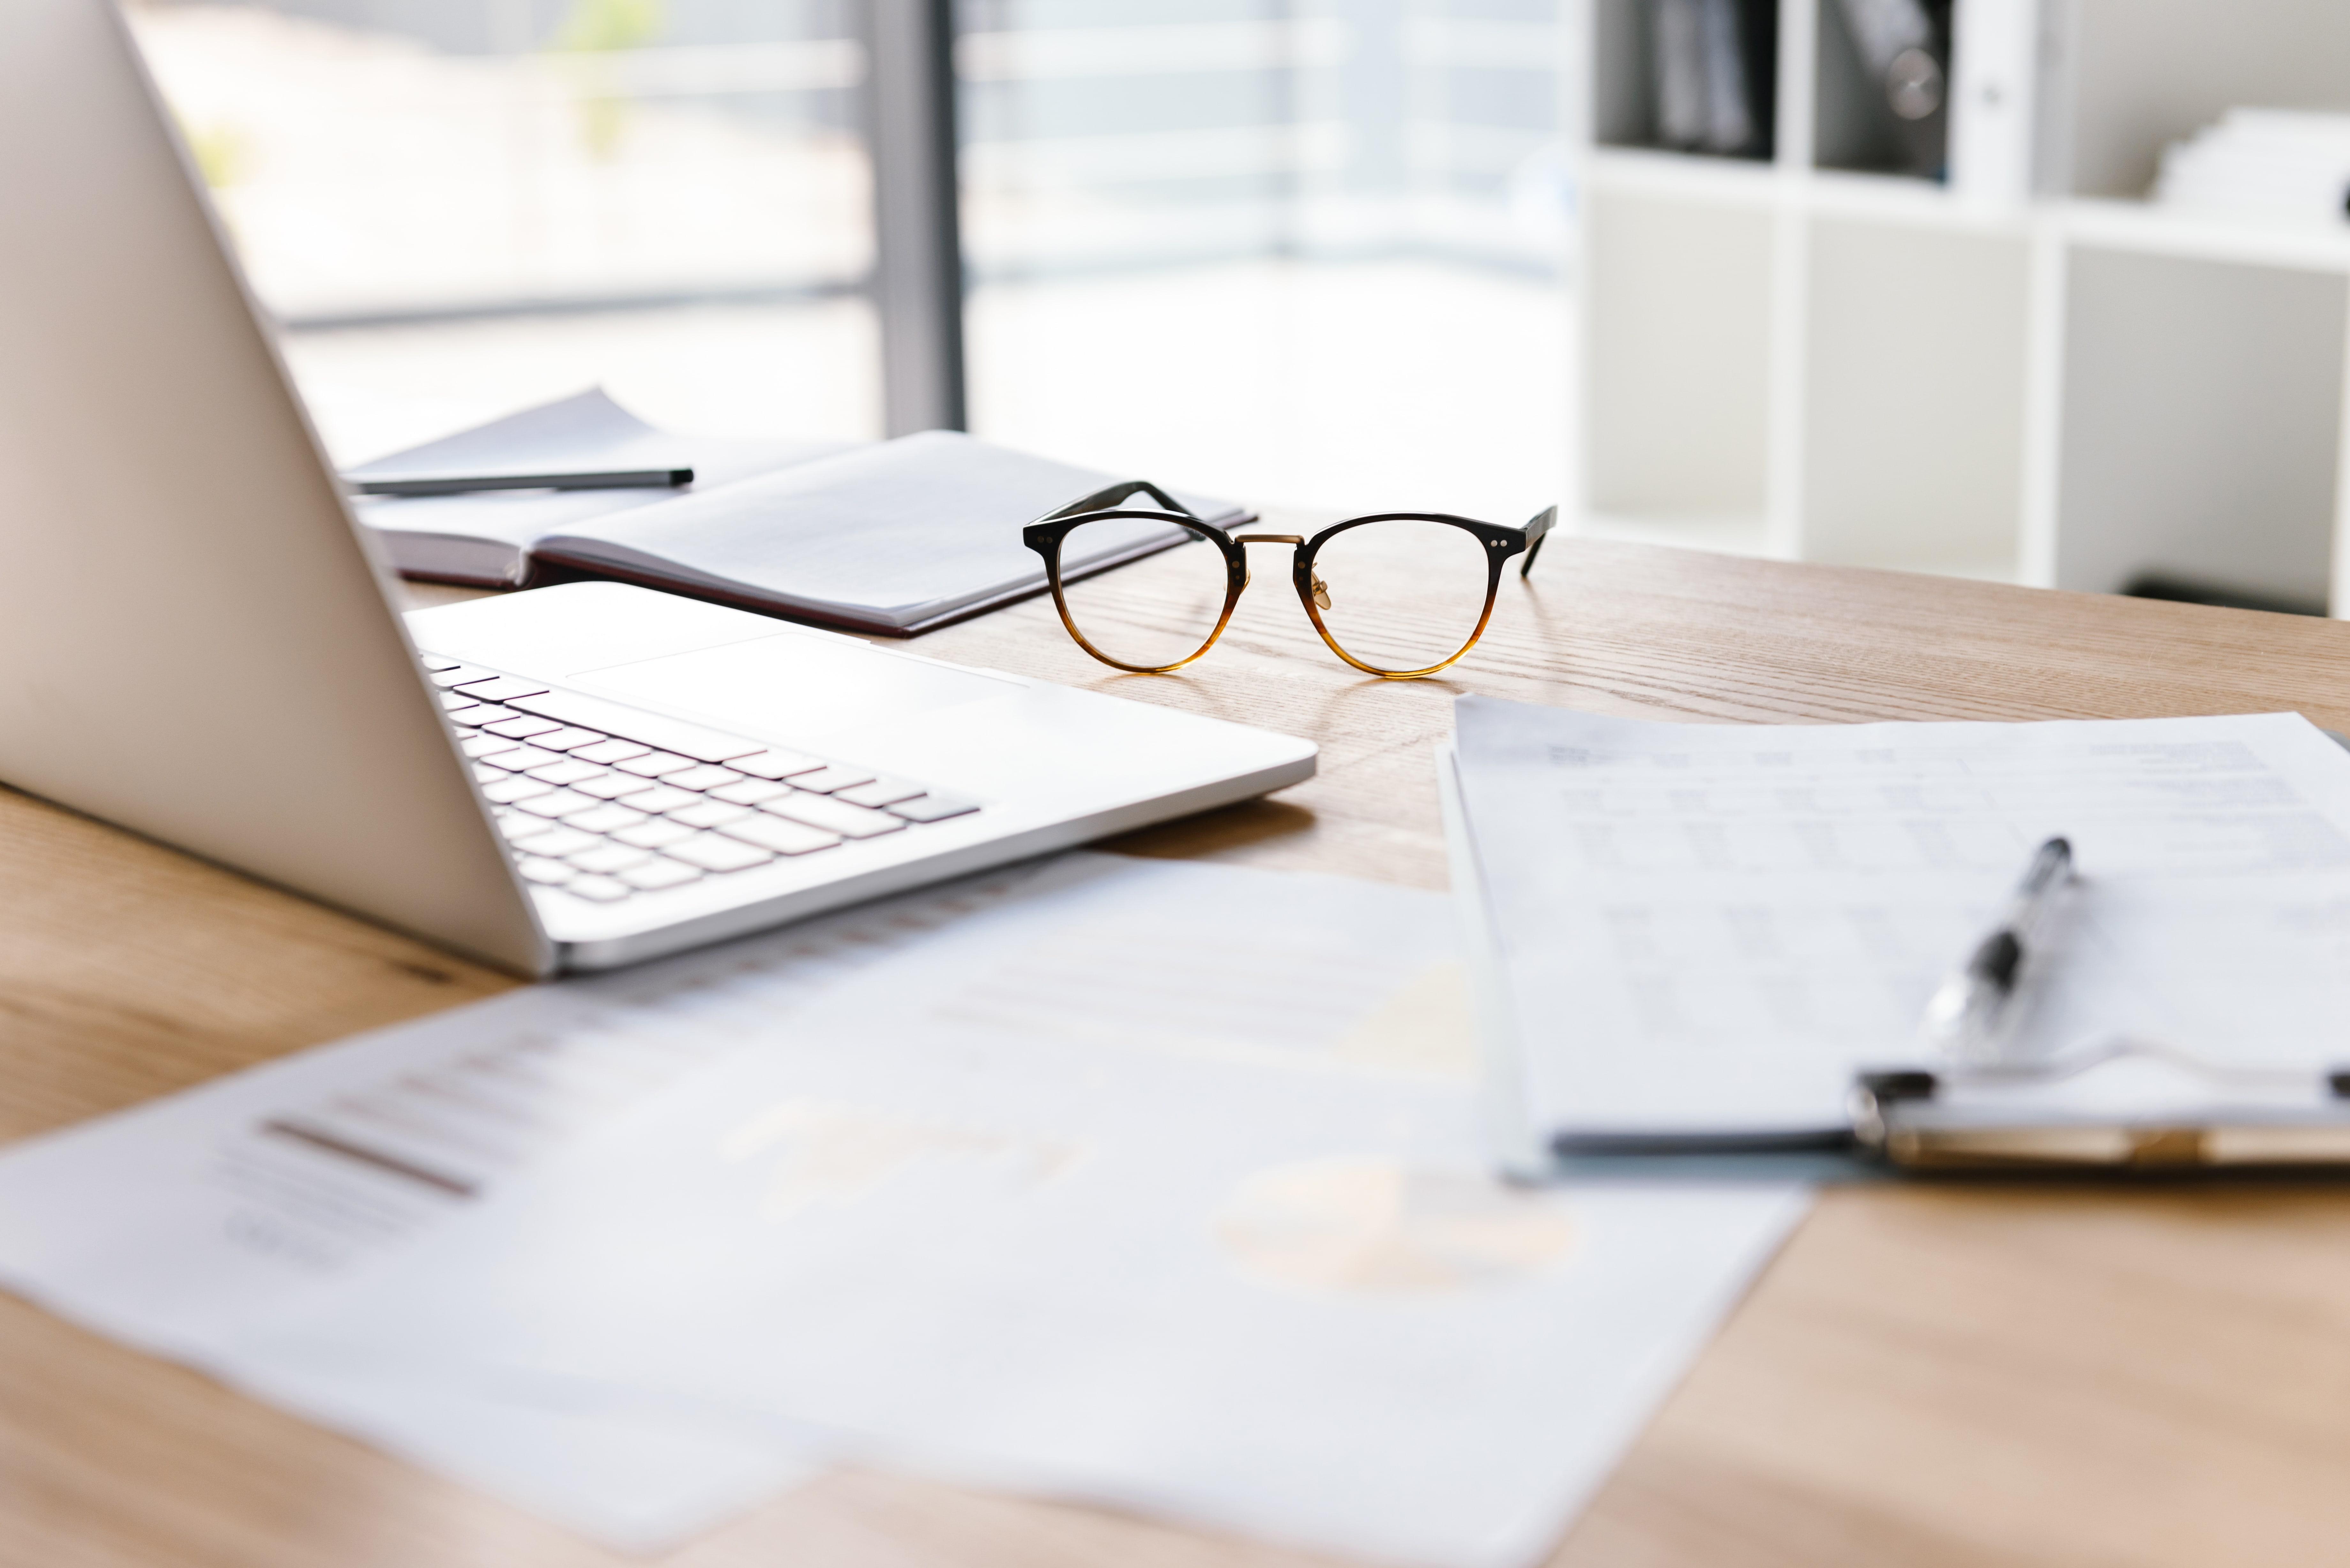 Ein voller Schreibtisch mit Dokumenten, Laptop und einer Brille.